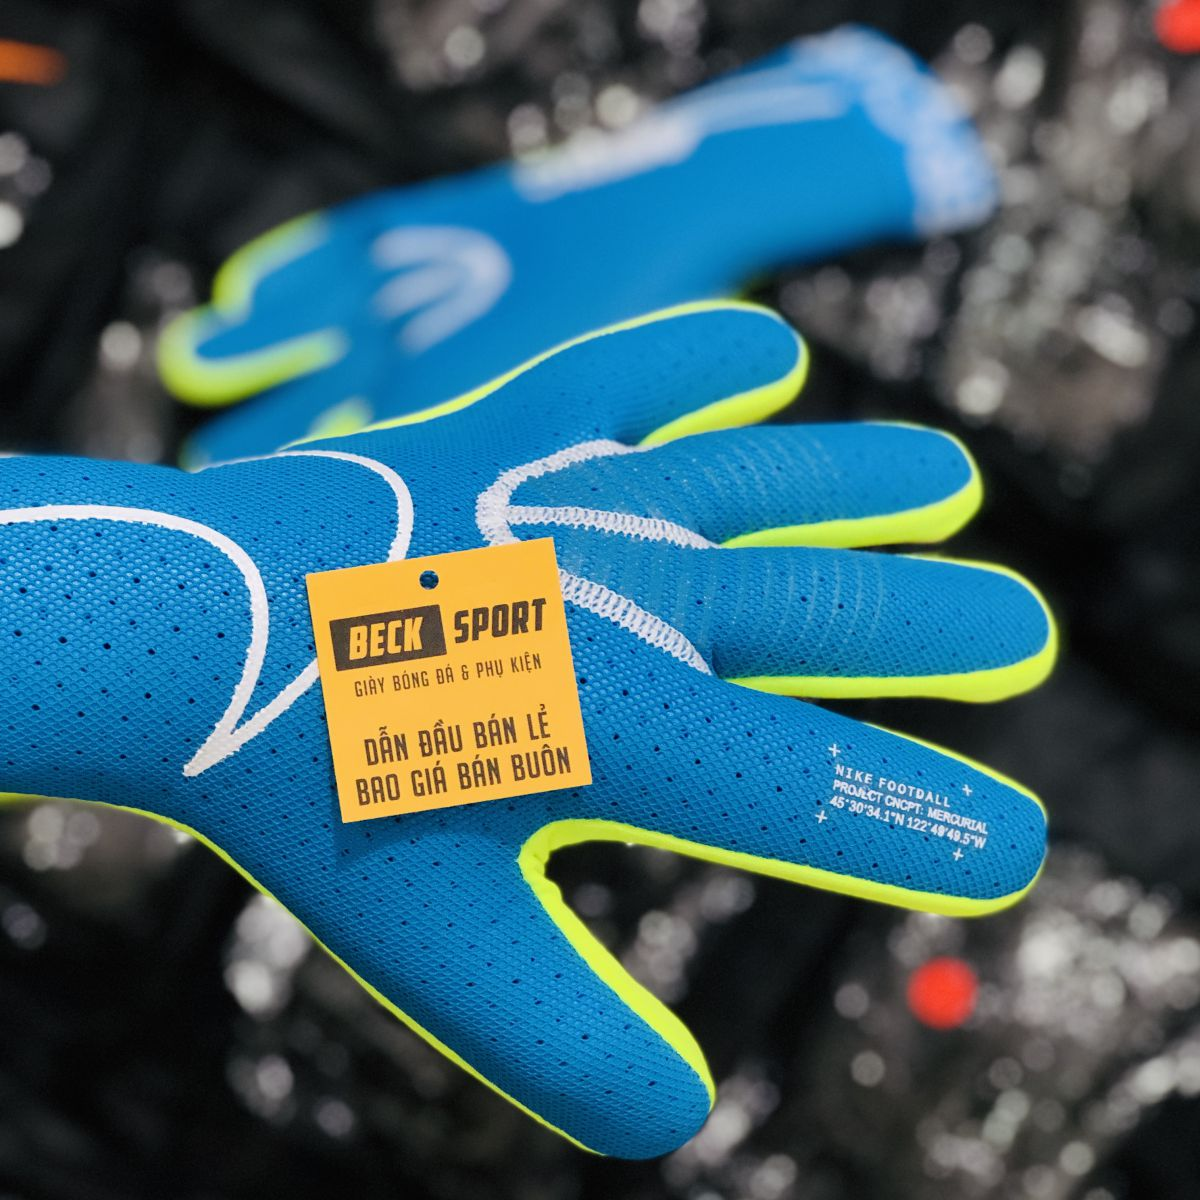 Găng Tay Nike Mercurial Touch Xanh Biển ( Không Xương)